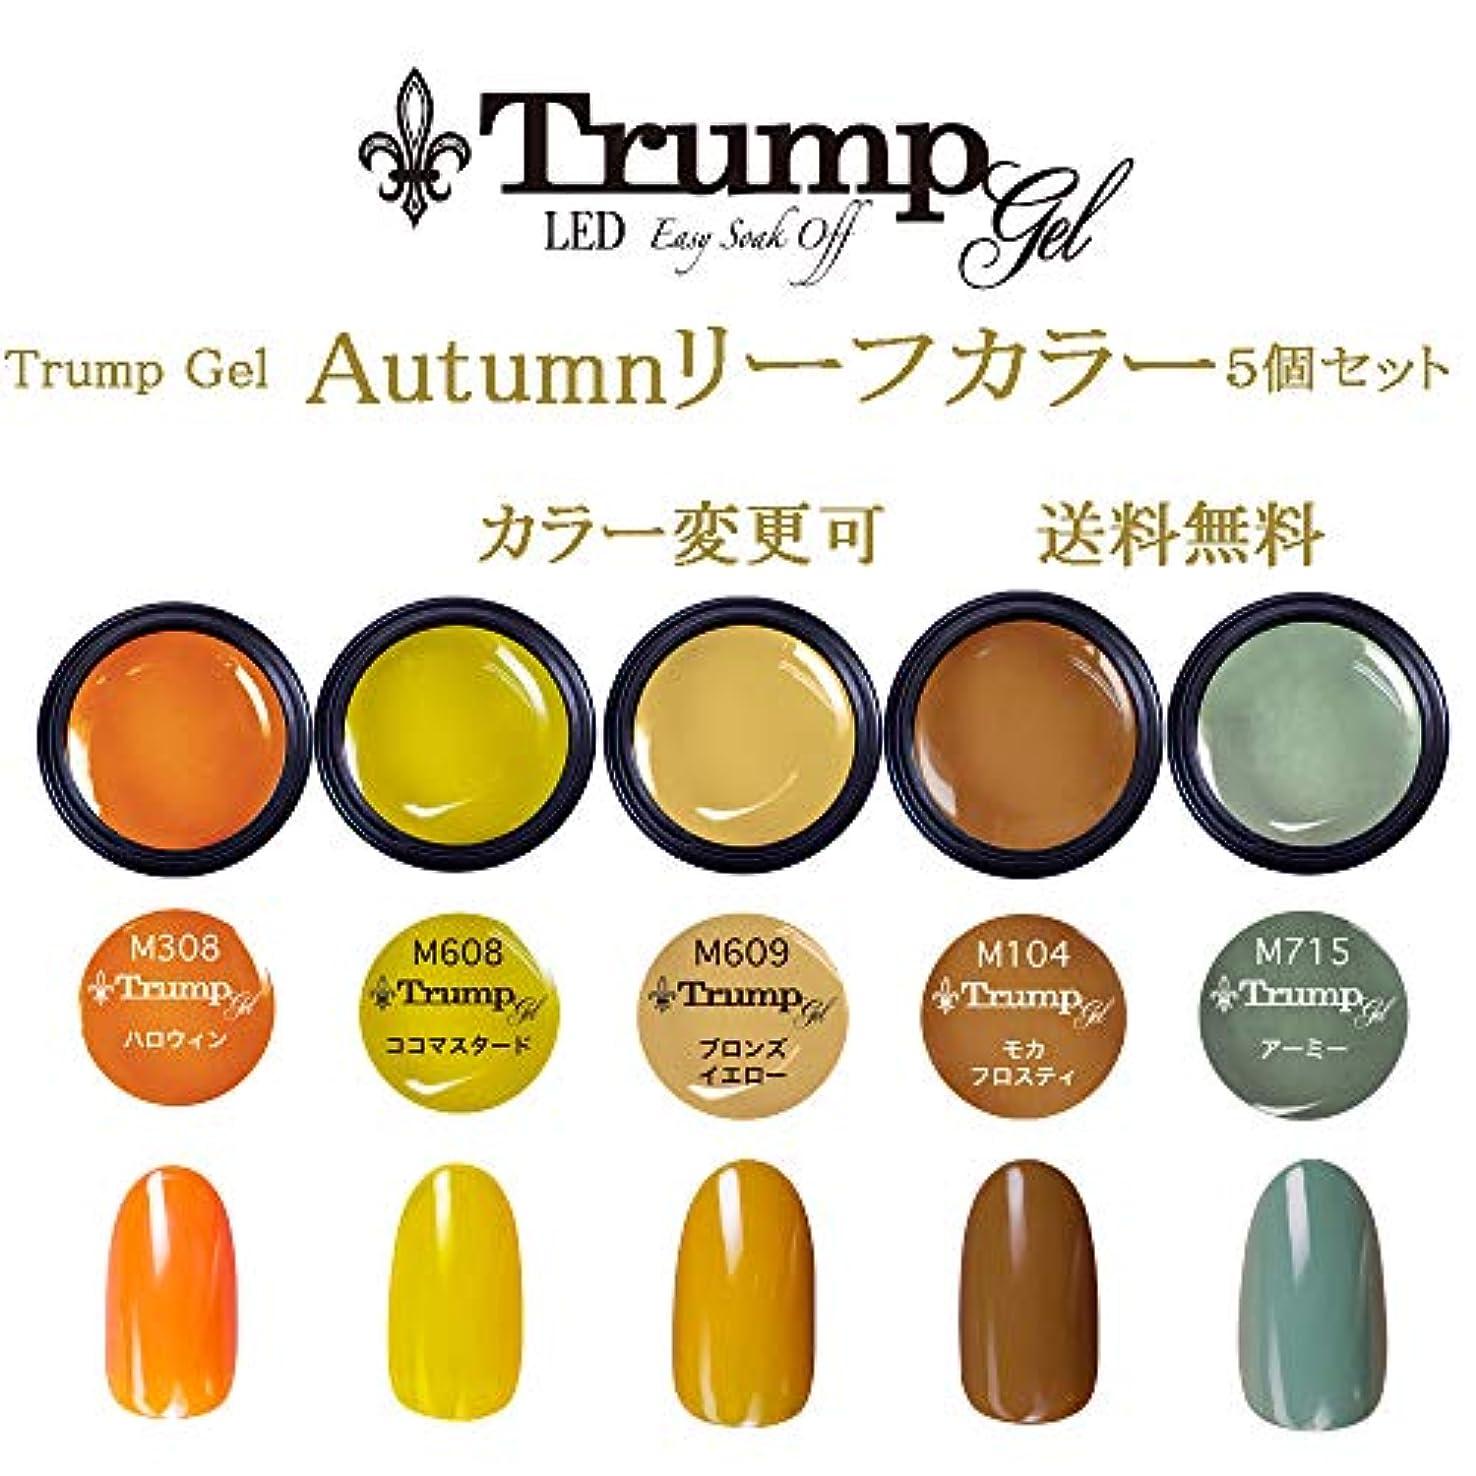 忘れる強盗告発【送料無料】日本製 Trump gel トランプジェル オータムリーフカラー 選べる カラージェル 5個セット オータムネイル ベージュ ブラウン マスタード カラー